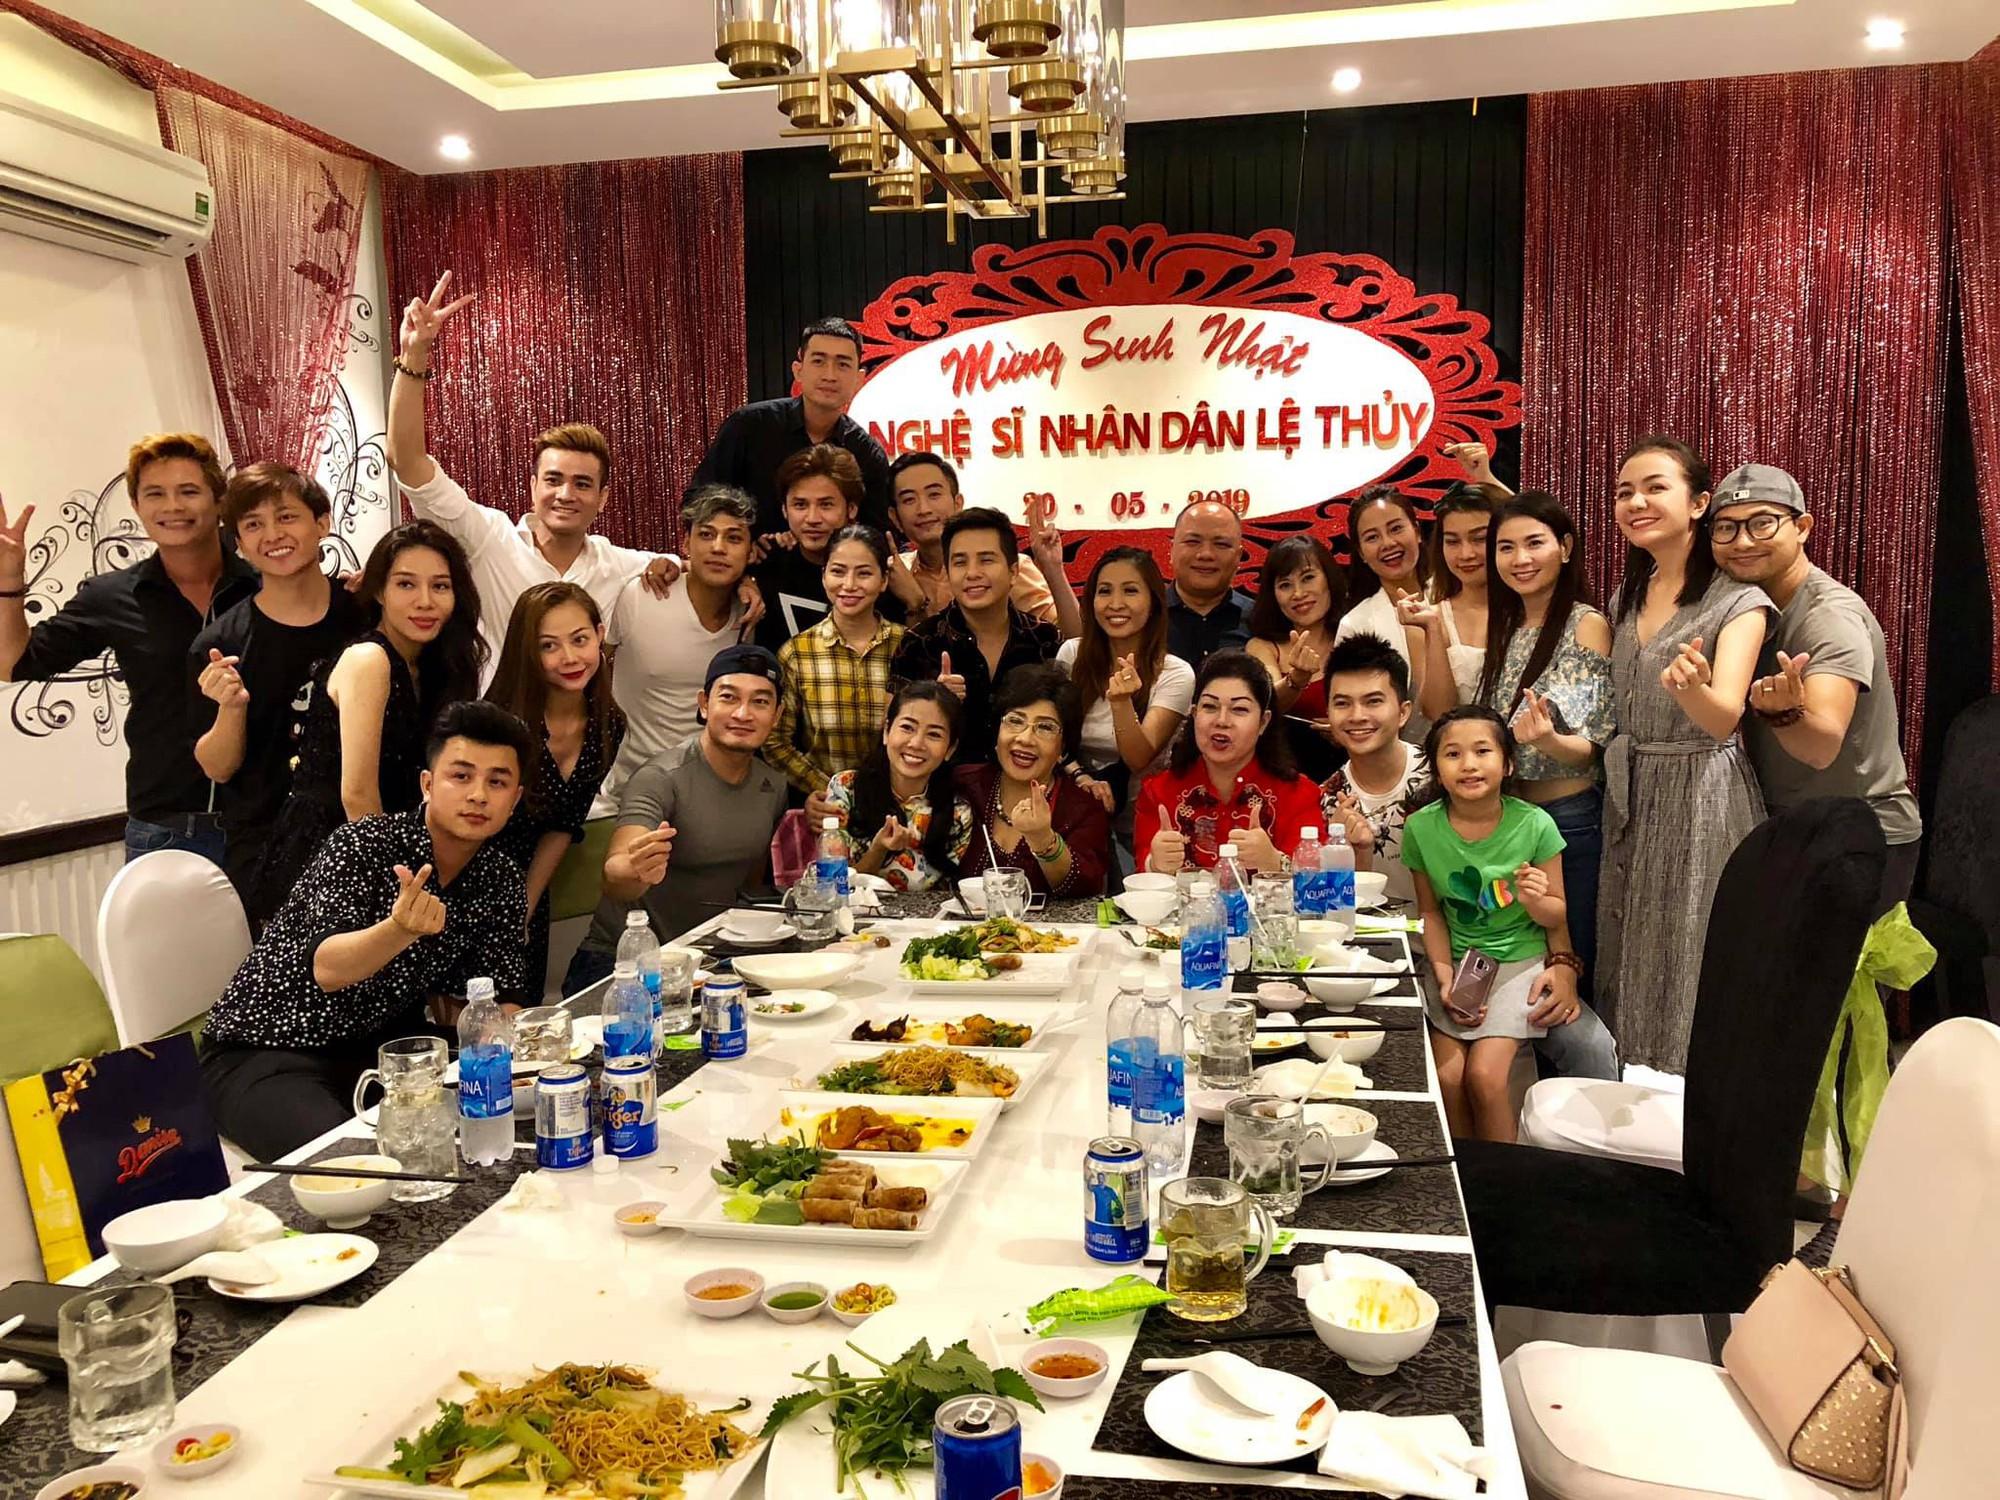 Dàn sao Việt tưng bừng mừng sinh nhật NSND Lệ Thủy - Ảnh 5.